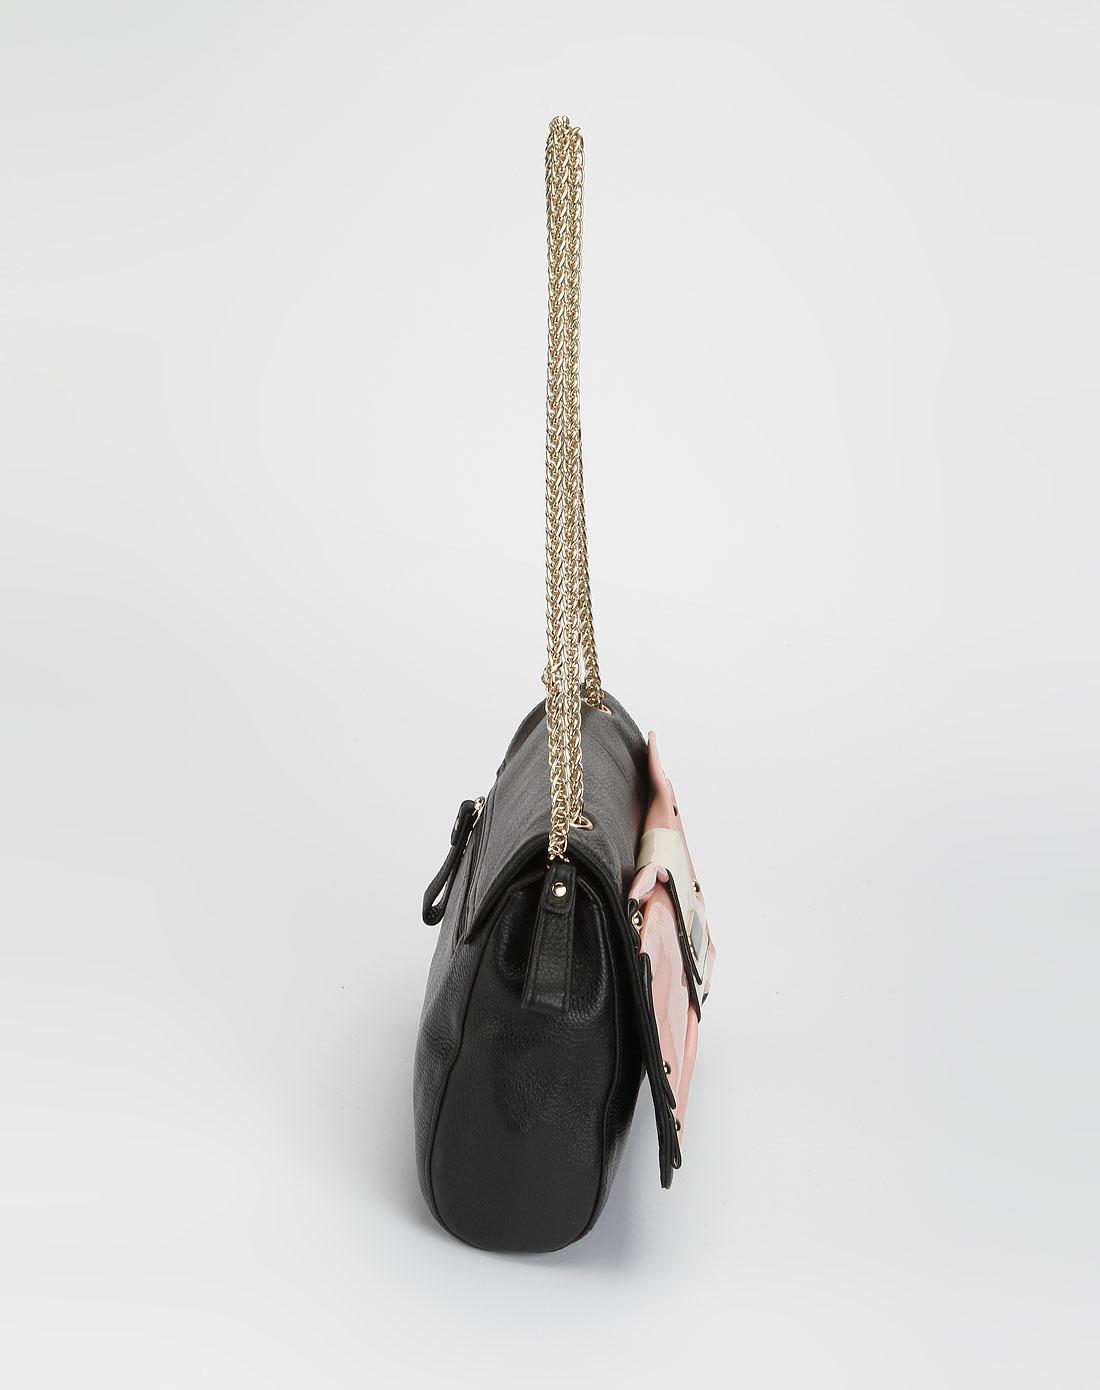 cat女款黑色时尚斜挎包